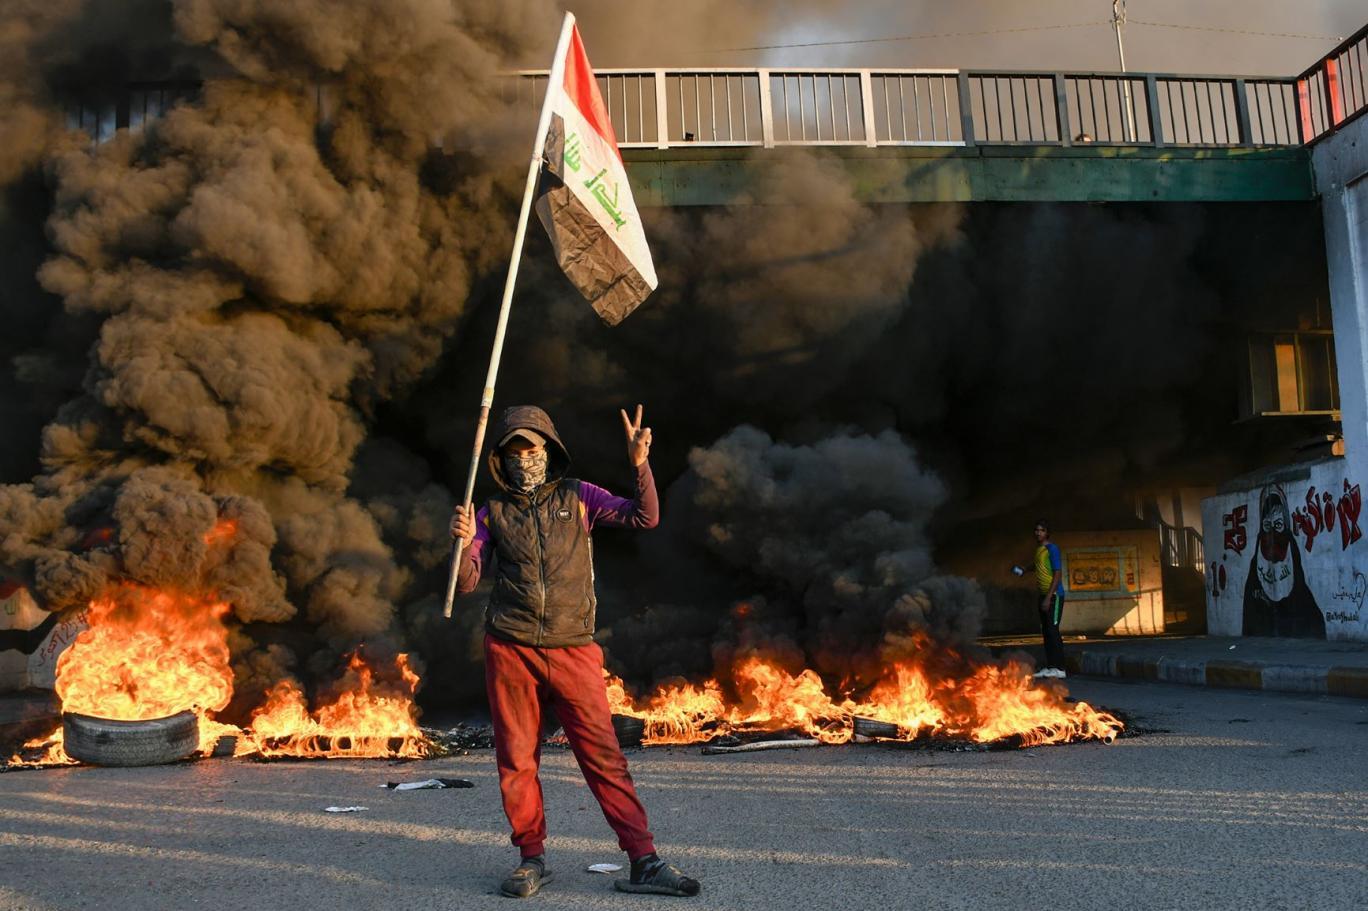 حقوق الانسان تصدر بيانا حول تصعيد التظاهرات في بغداد والمحافظات خلال اليومين الماضيين